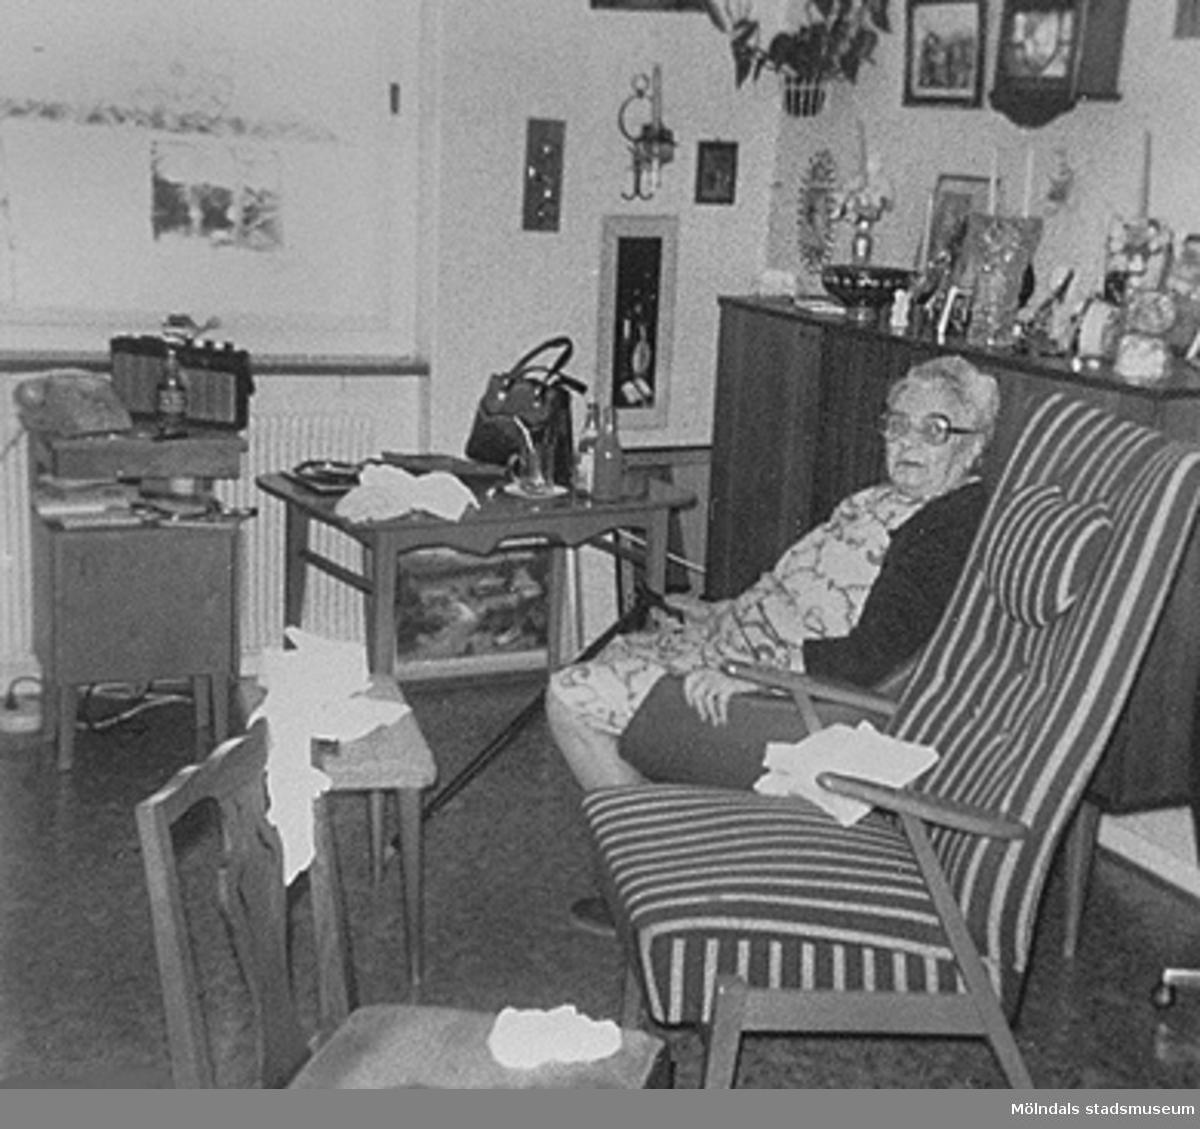 Anna Bengtsson sitter i ett rum på Brattåshemmet år 1980. Från en fotodokumentation 1985-86 av Staffan Bjerrhede och Birgitta Lans. Ålderdomshemmet Brattåshemmet låg på Brattåsvägen 3 el. 4 och var i bruk mellan 1955 och 1986.